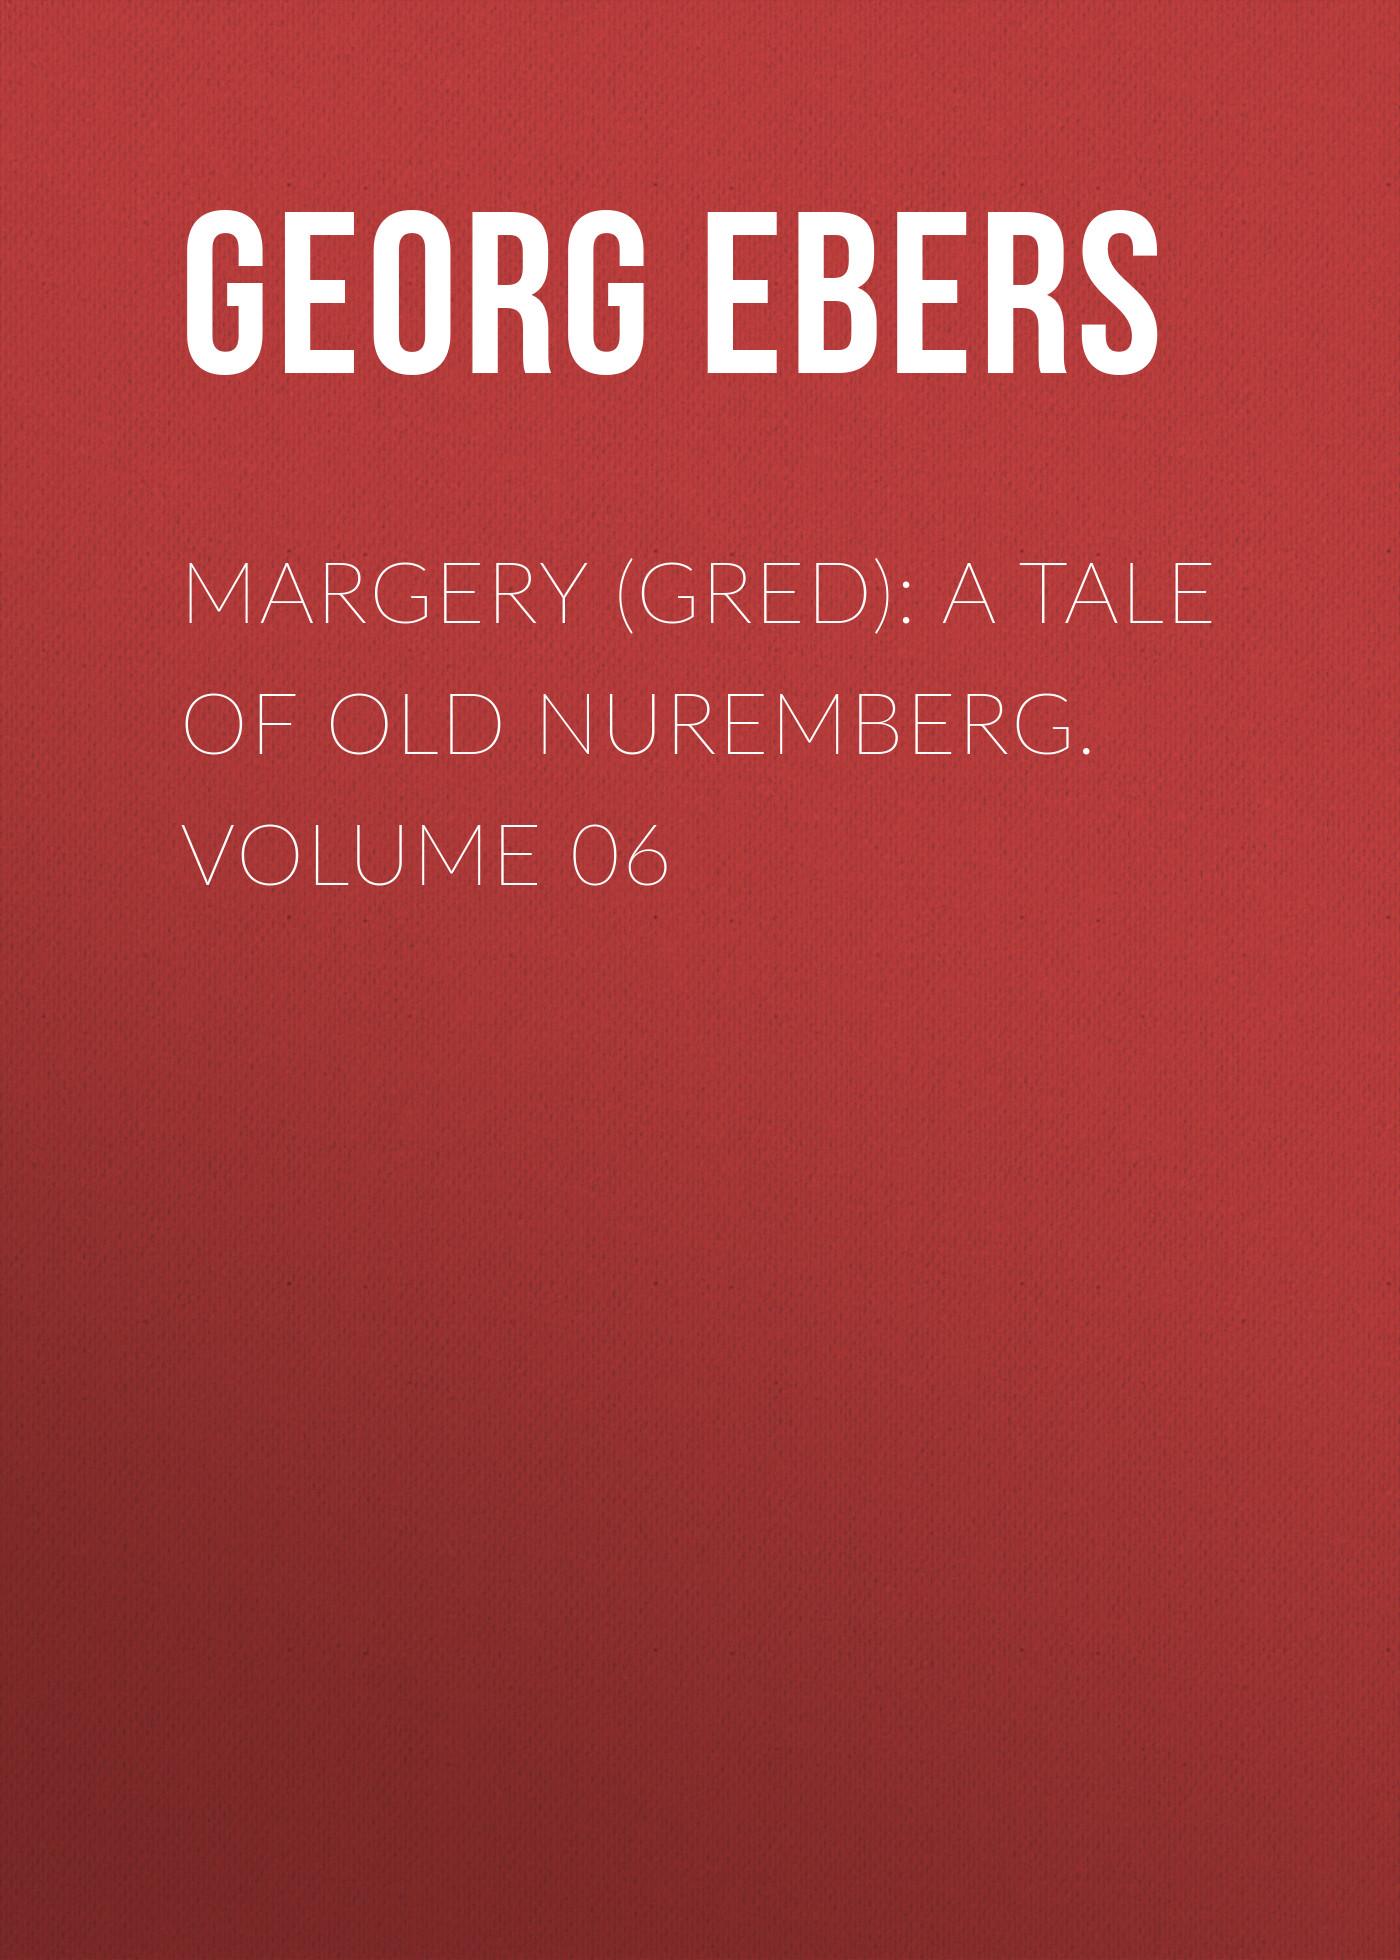 Georg Ebers Margery (Gred): A Tale Of Old Nuremberg. Volume 06 georg ebers homo sum volume 02